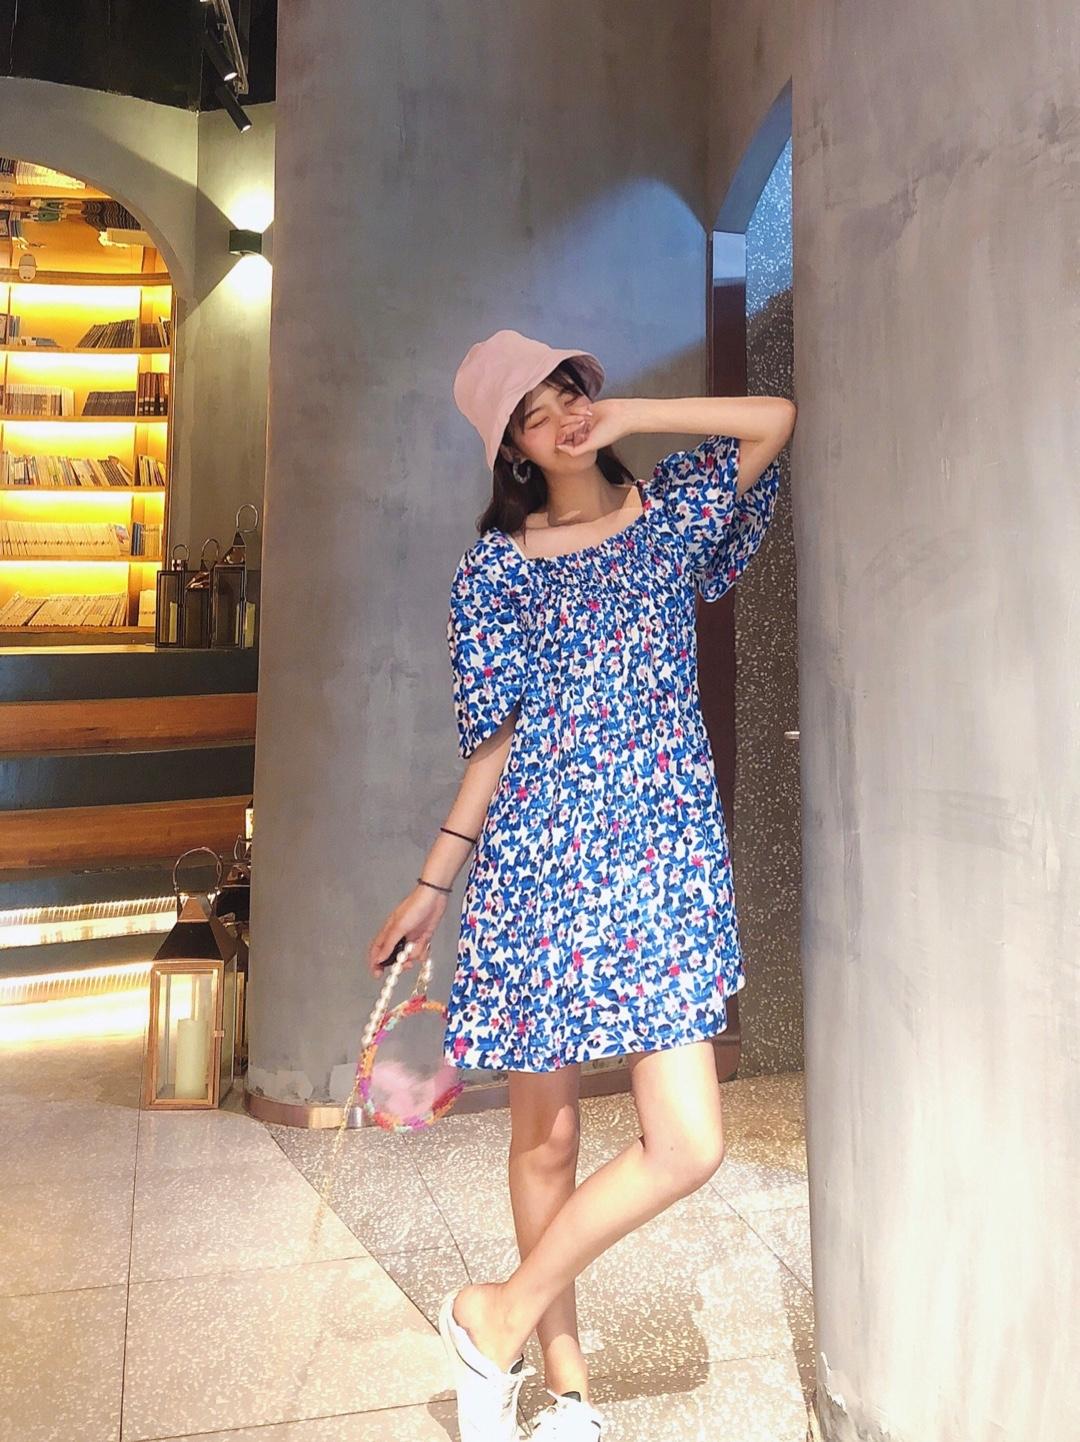 #穿上降10℃!解救闷热天#  这件裙子的印花真滴很有特点啦 很有设计感的风格哦~  上身宽松松的 也很舒服啦 很适合夏天的款式啦 颜色也很亮眼 微胖女孩的首选裙子啦~